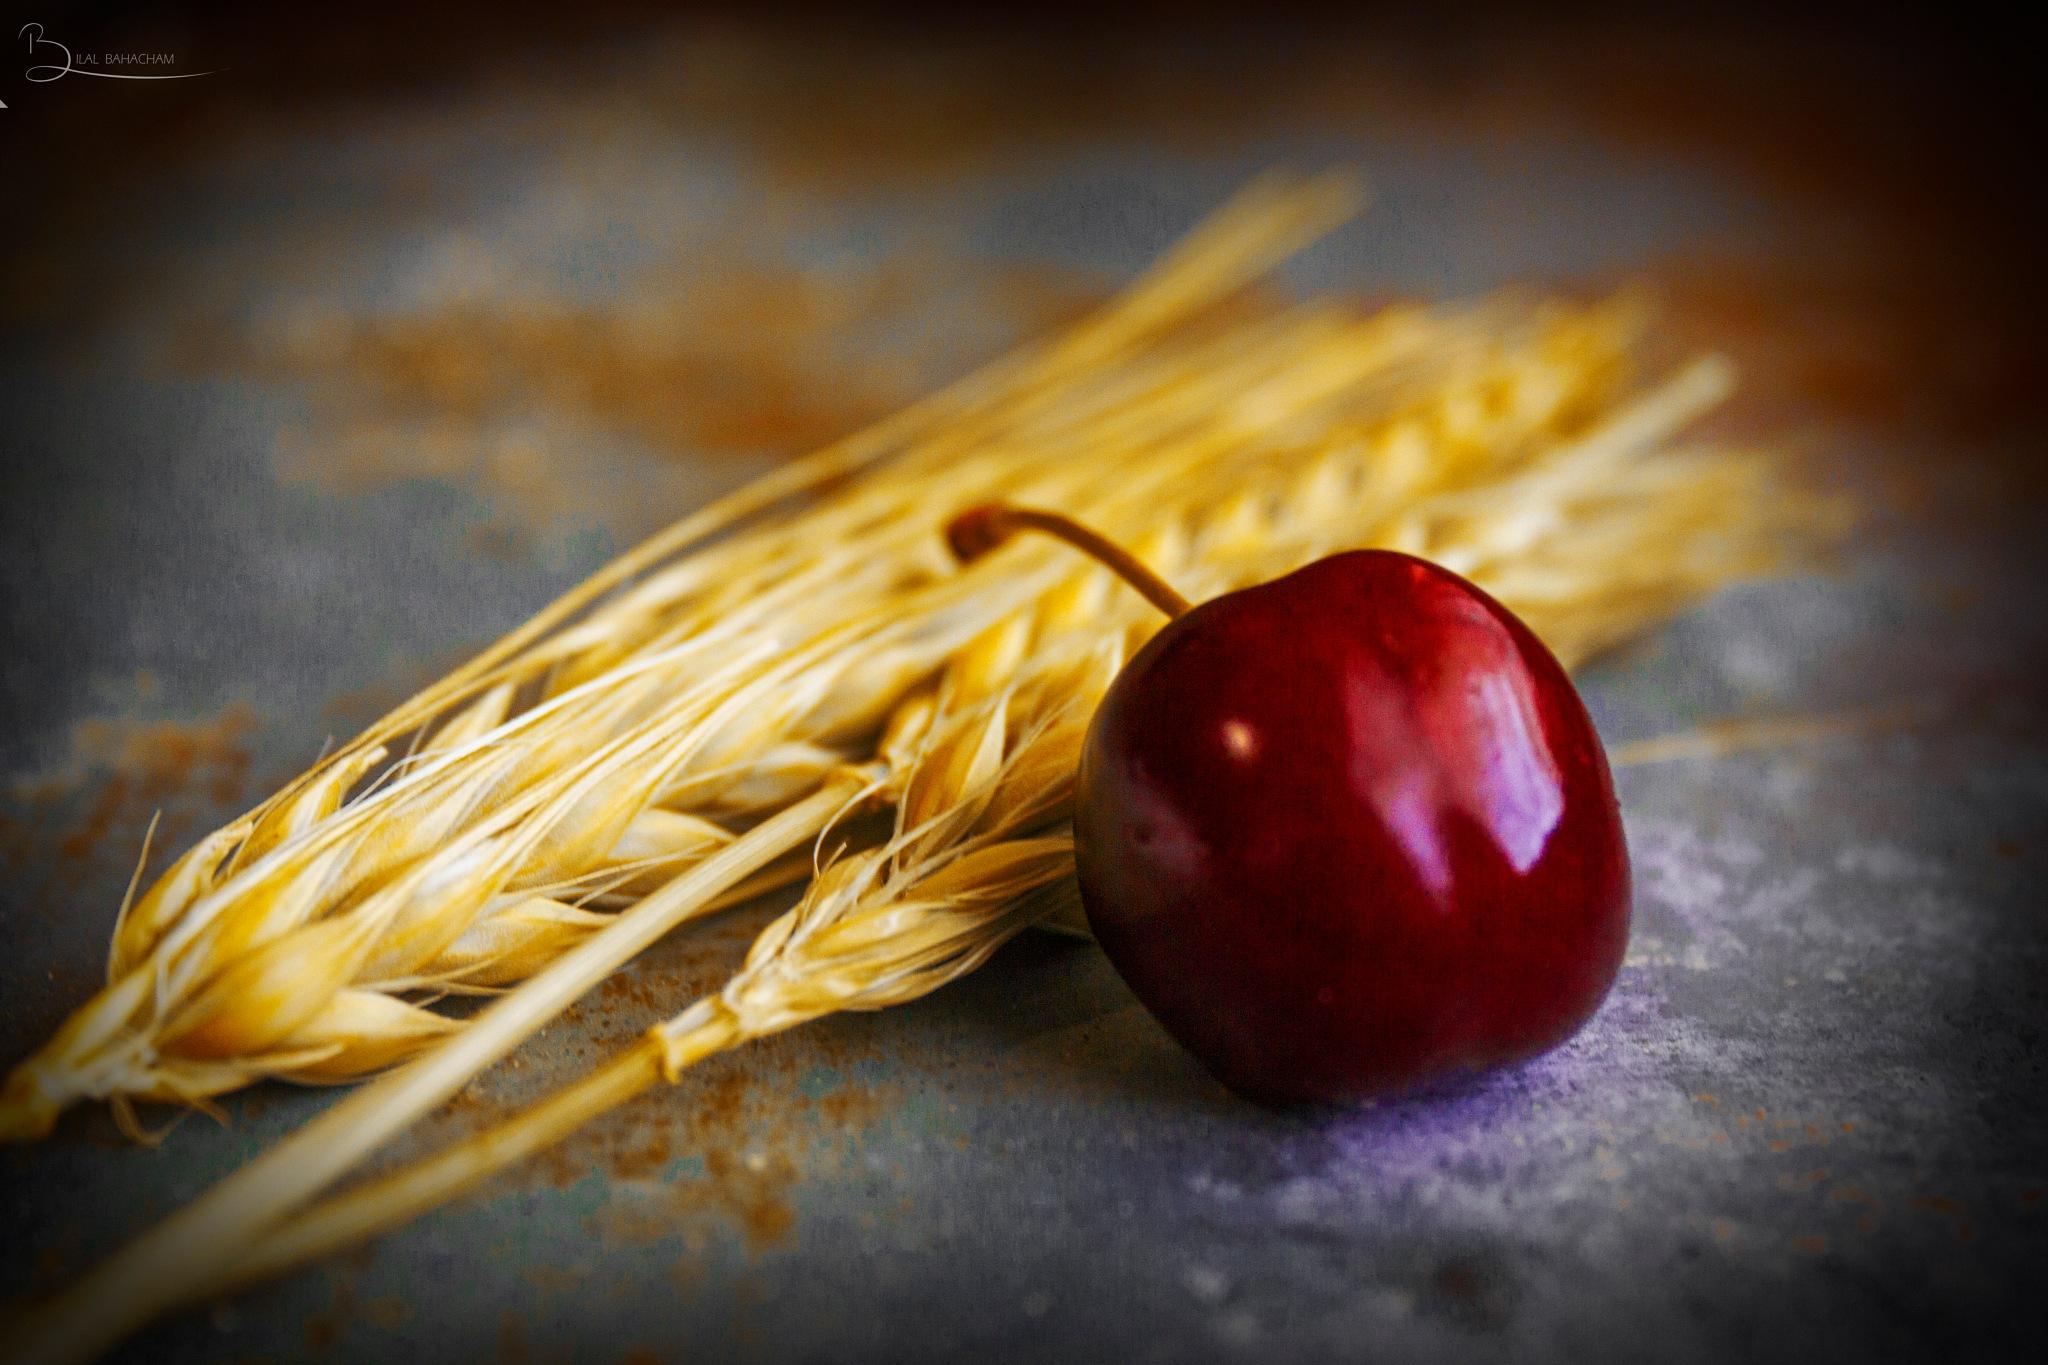 cherries and Wheat spike by Bilalbahacham